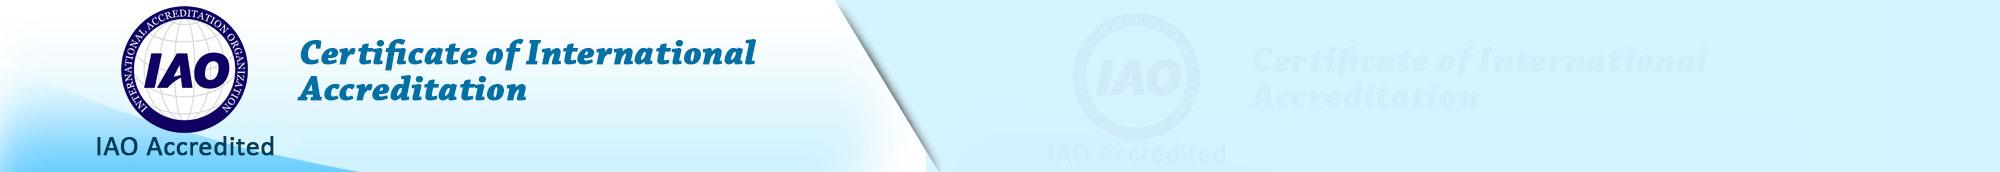 iao-banner